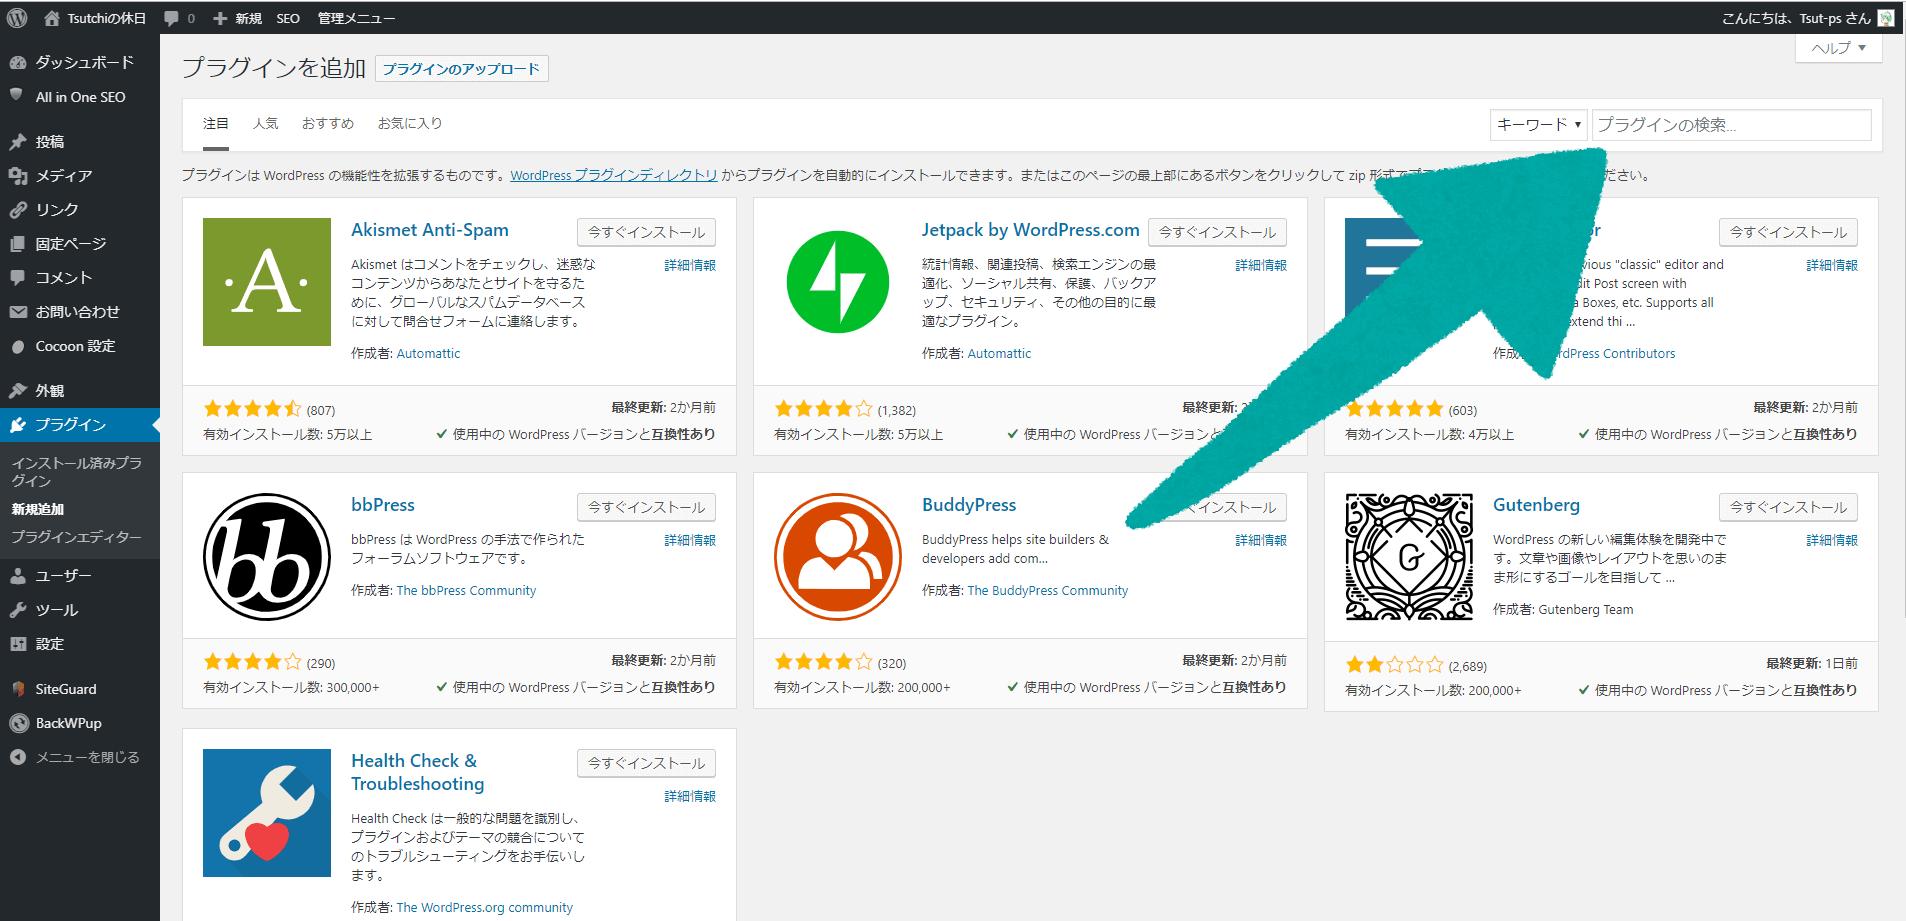 右上の検索ボックスをクリックし、「SuiteGuard」と検索